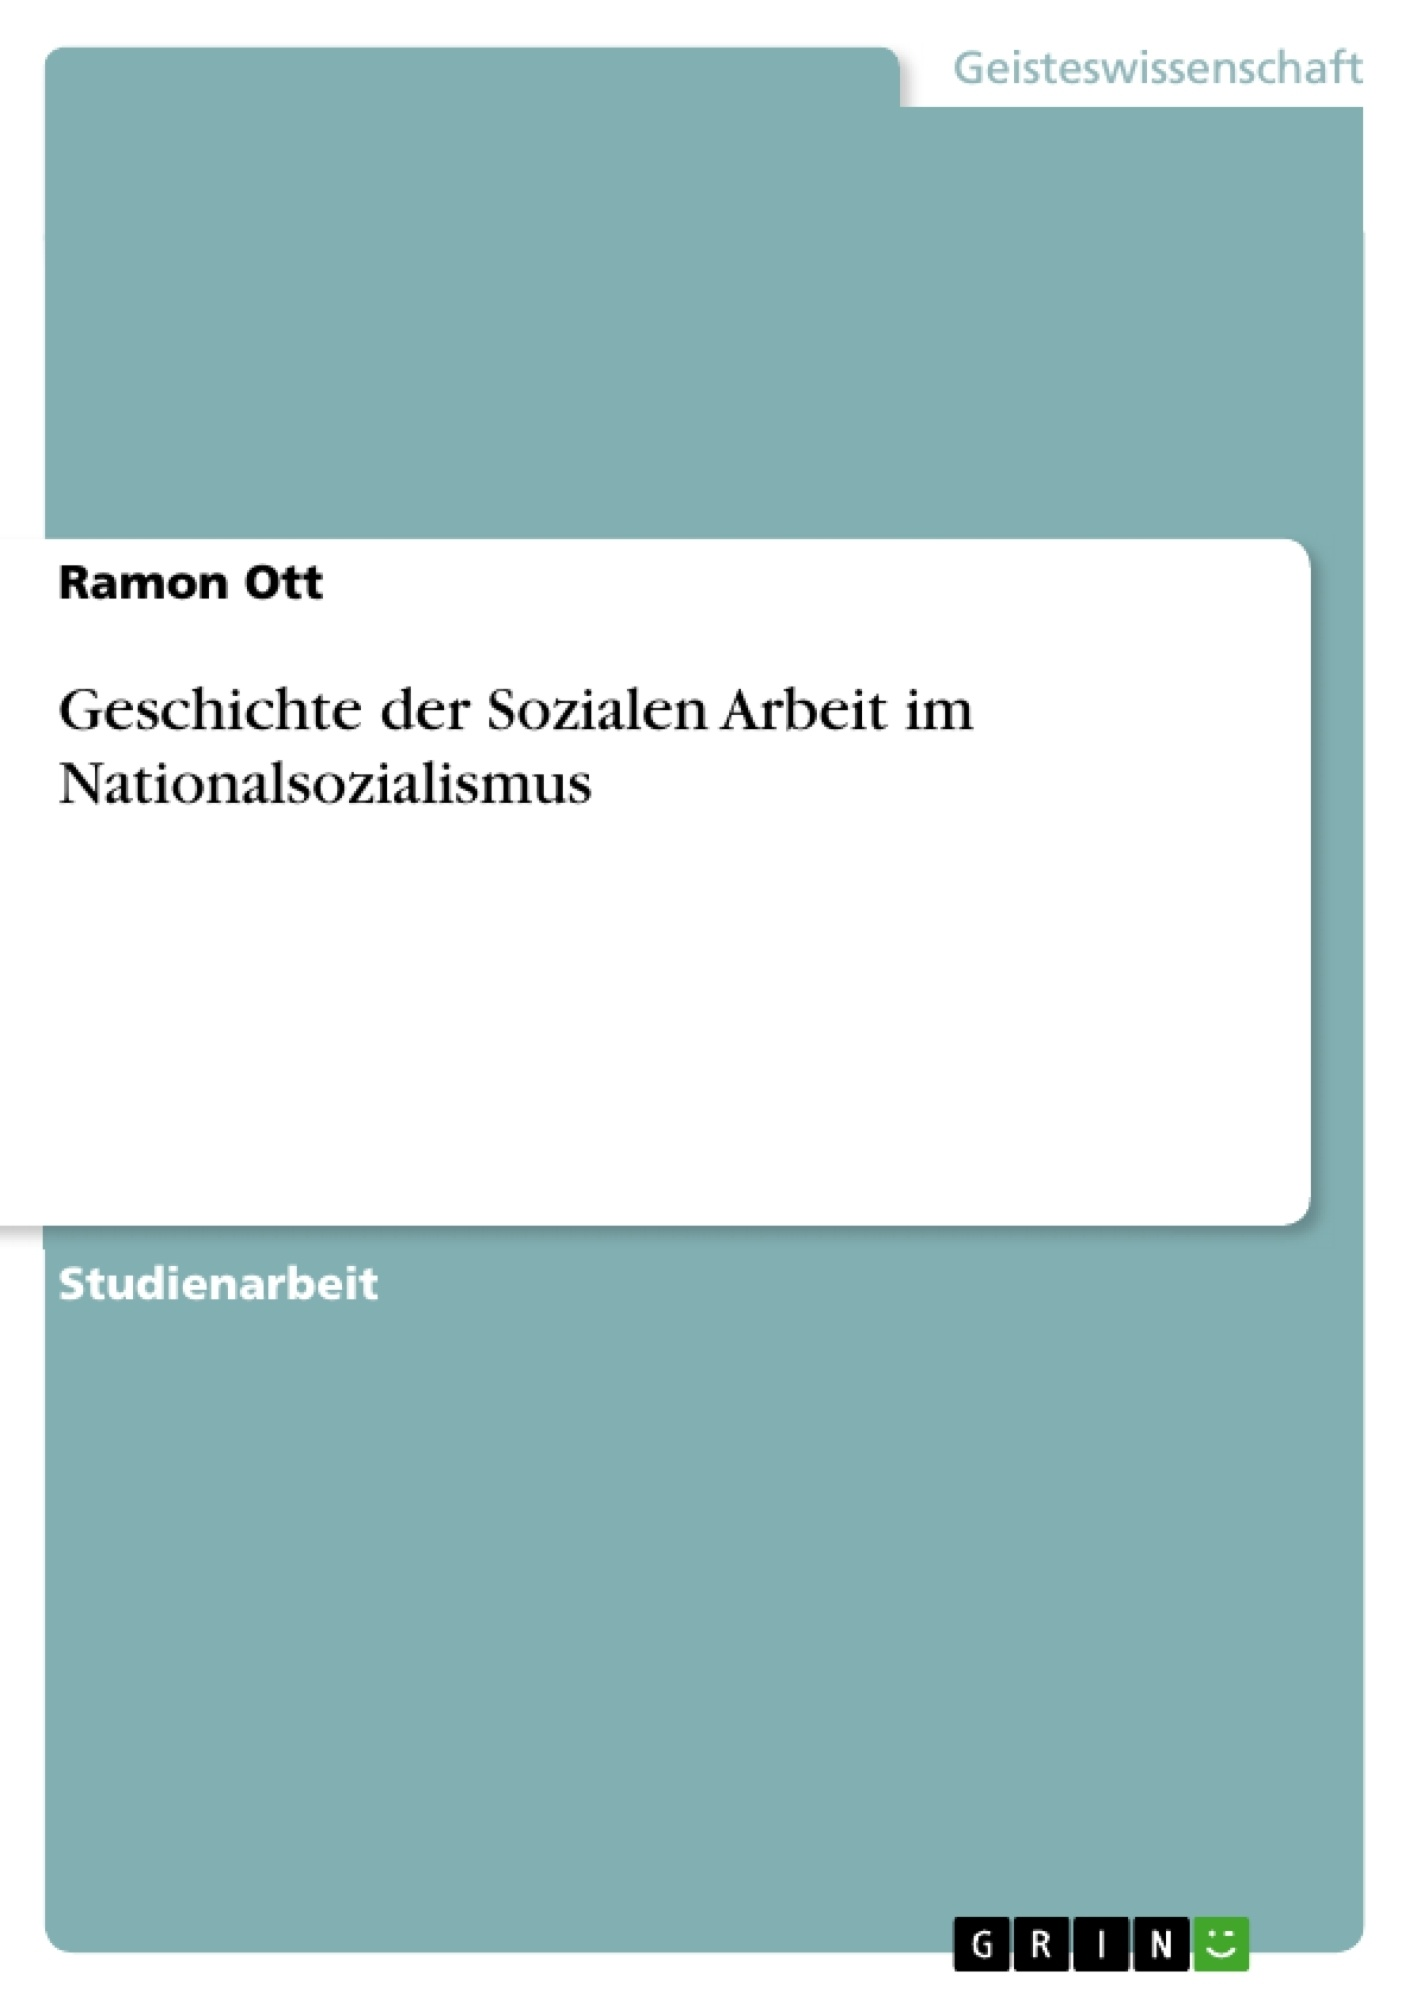 Titel: Geschichte der Sozialen Arbeit  im Nationalsozialismus